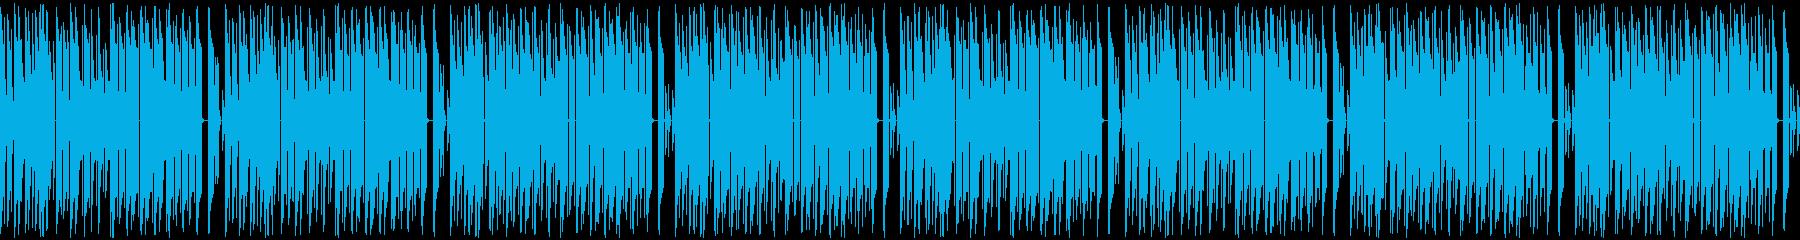 8bitほのぼの町やショップ・イベント用の再生済みの波形